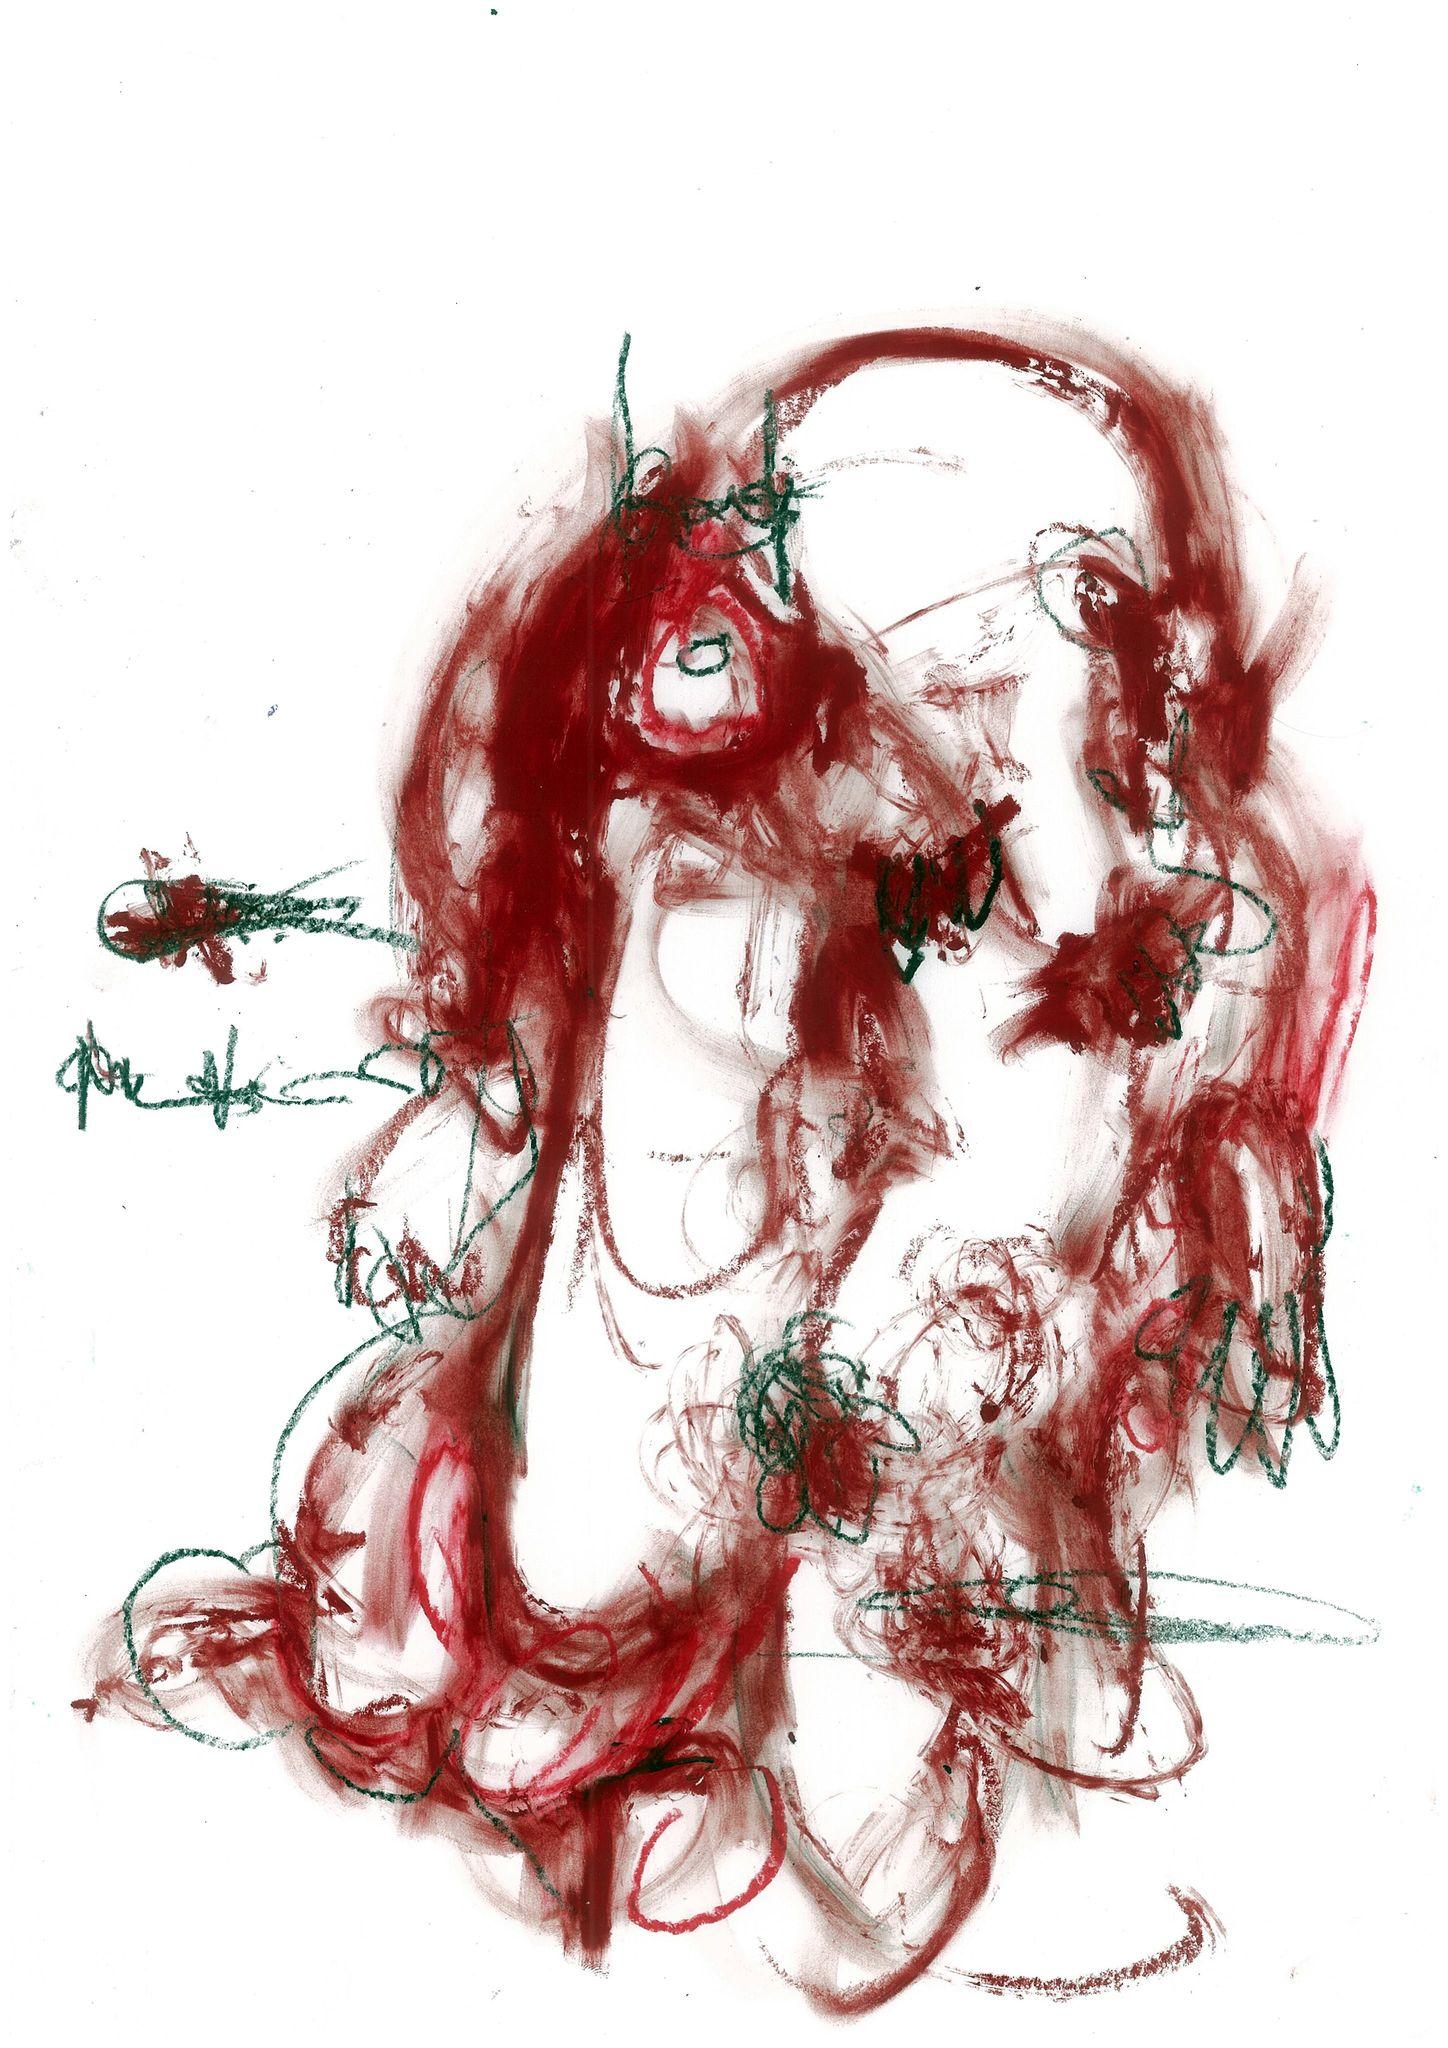 в качестве иллюстраций использованы работы Ирины Петраковой